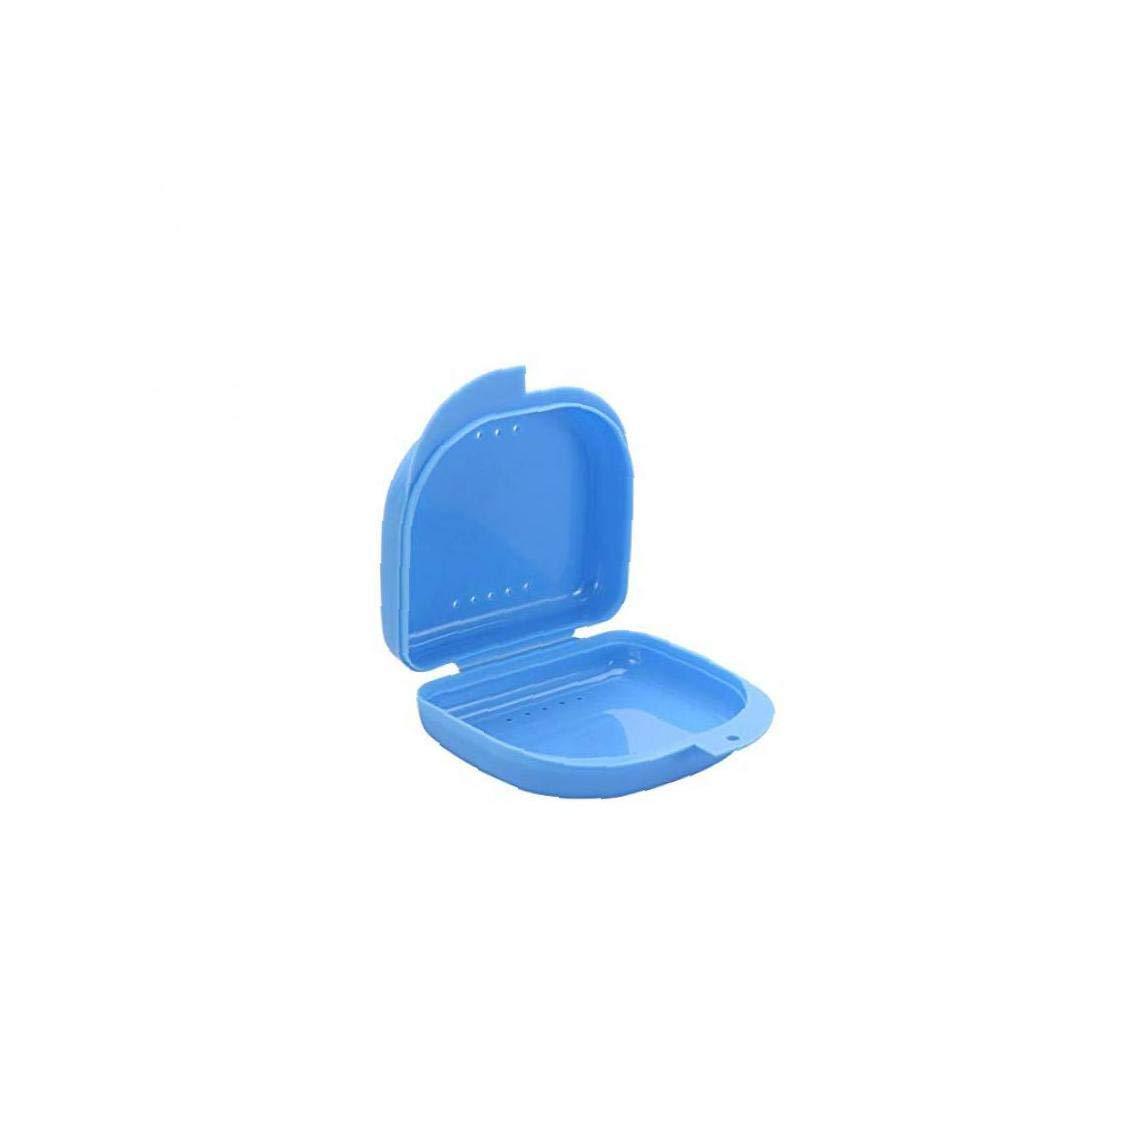 Dientes Dental Caso Plástico Portable Dentadura Caja Dental De Ortodoncia De Retención De La Dentadura Caso Retenedores Envase-1 Pieza Azul: Amazon.es: Deportes y aire libre